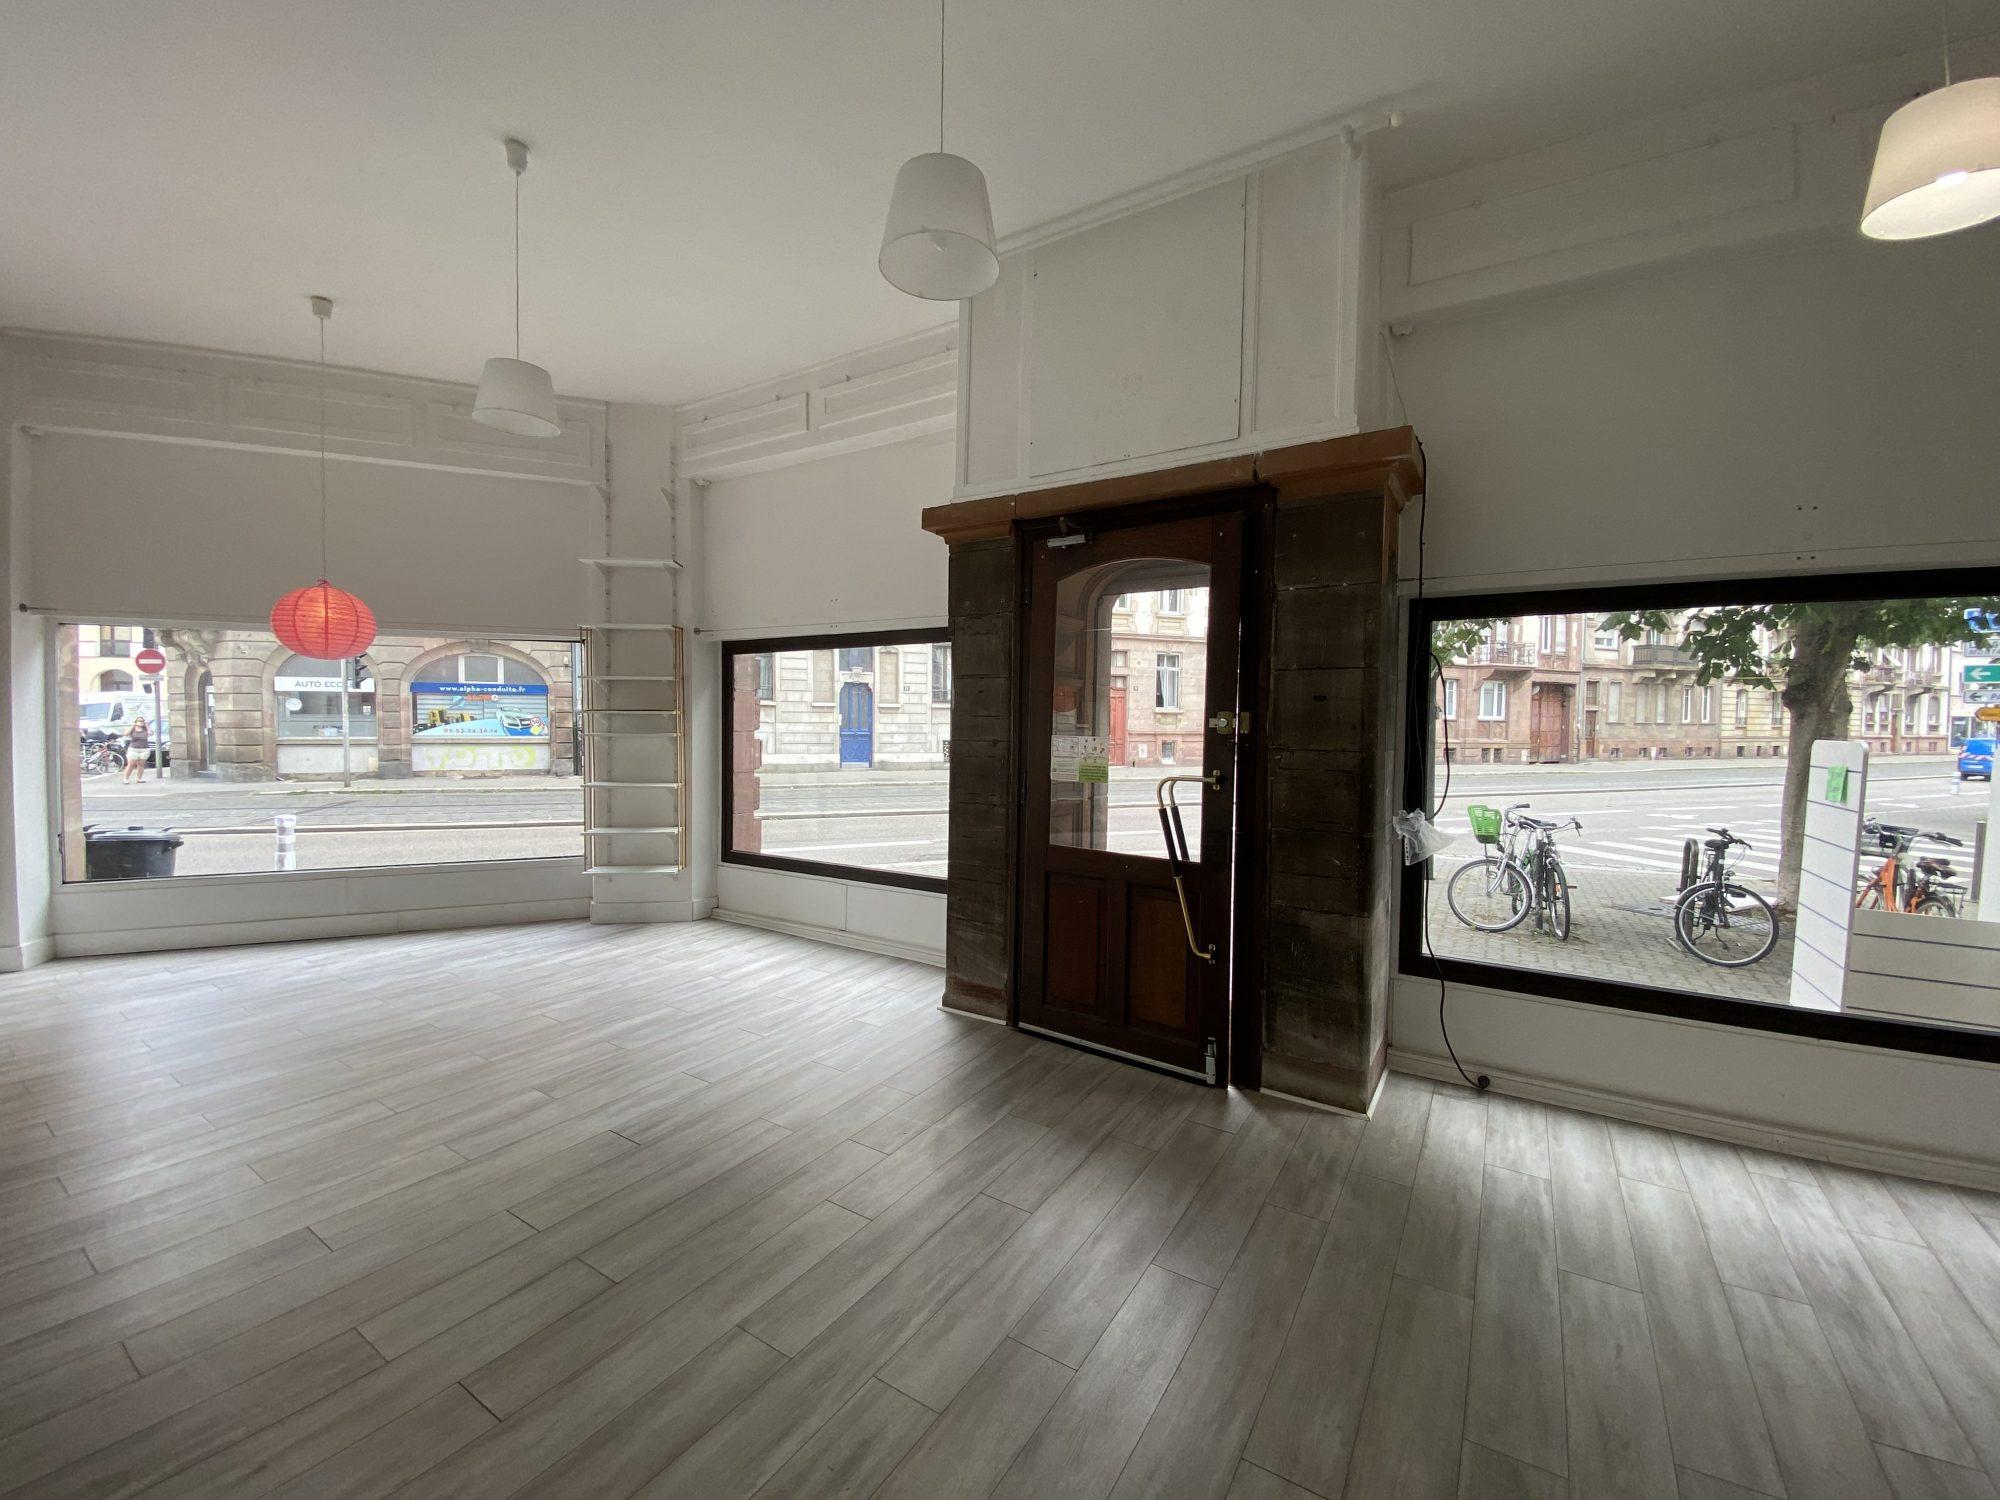 LOCAL COMMERCIAL A LOUER MUSEE D'ART MODERNE - Devenez locataire en toute sérénité - Bintz Immobilier - 8